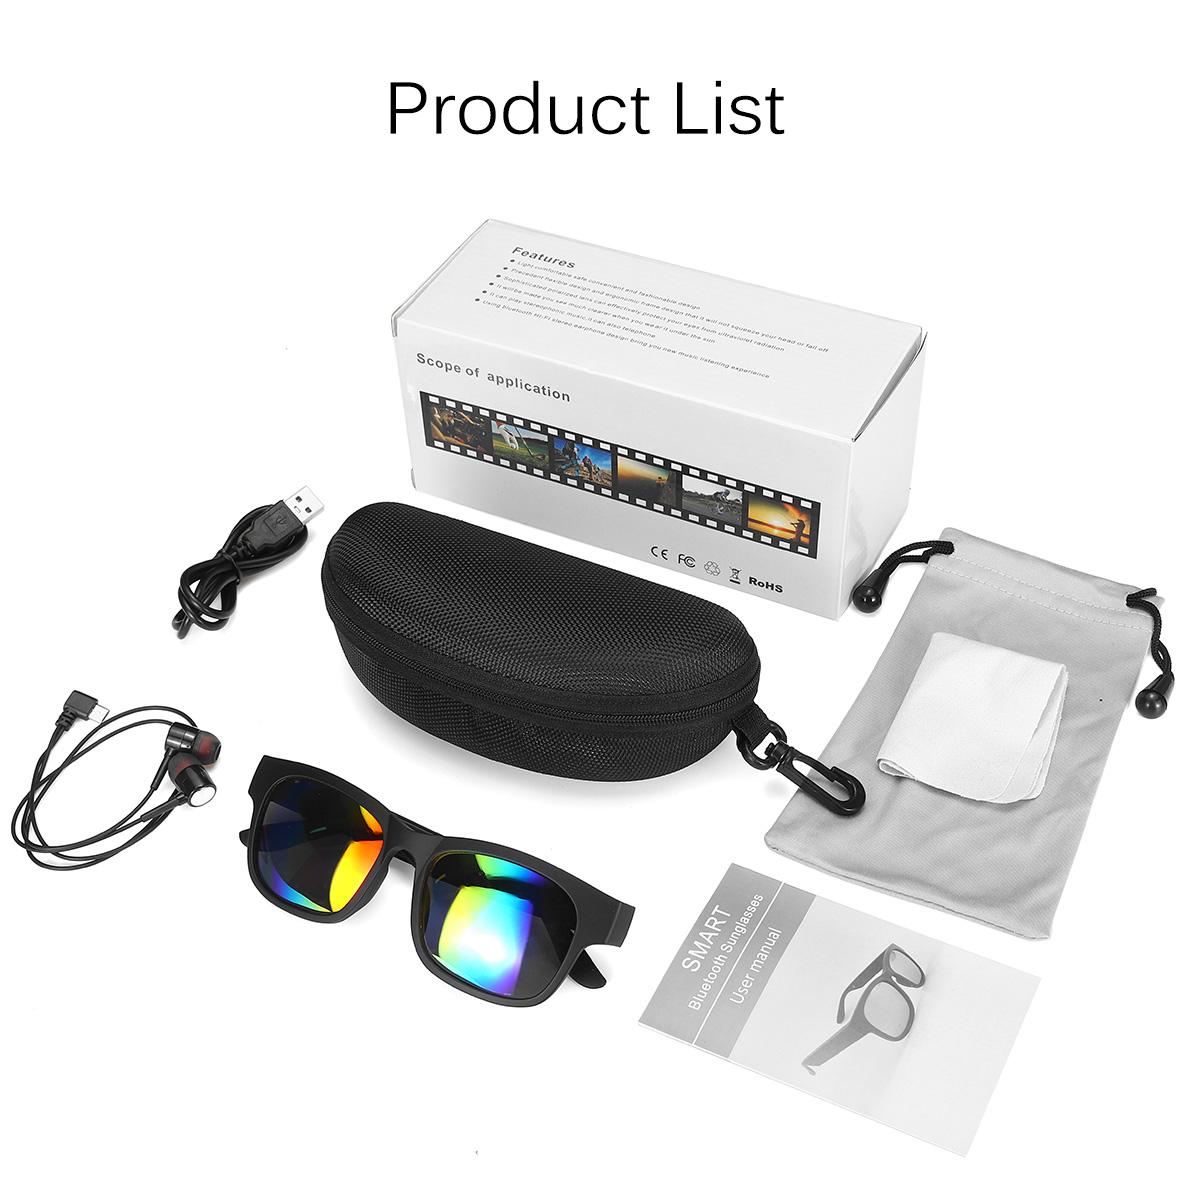 Polarized Smart bluetooth Sunglasses Glasses Earphones Headset W/ Stereo Speaker